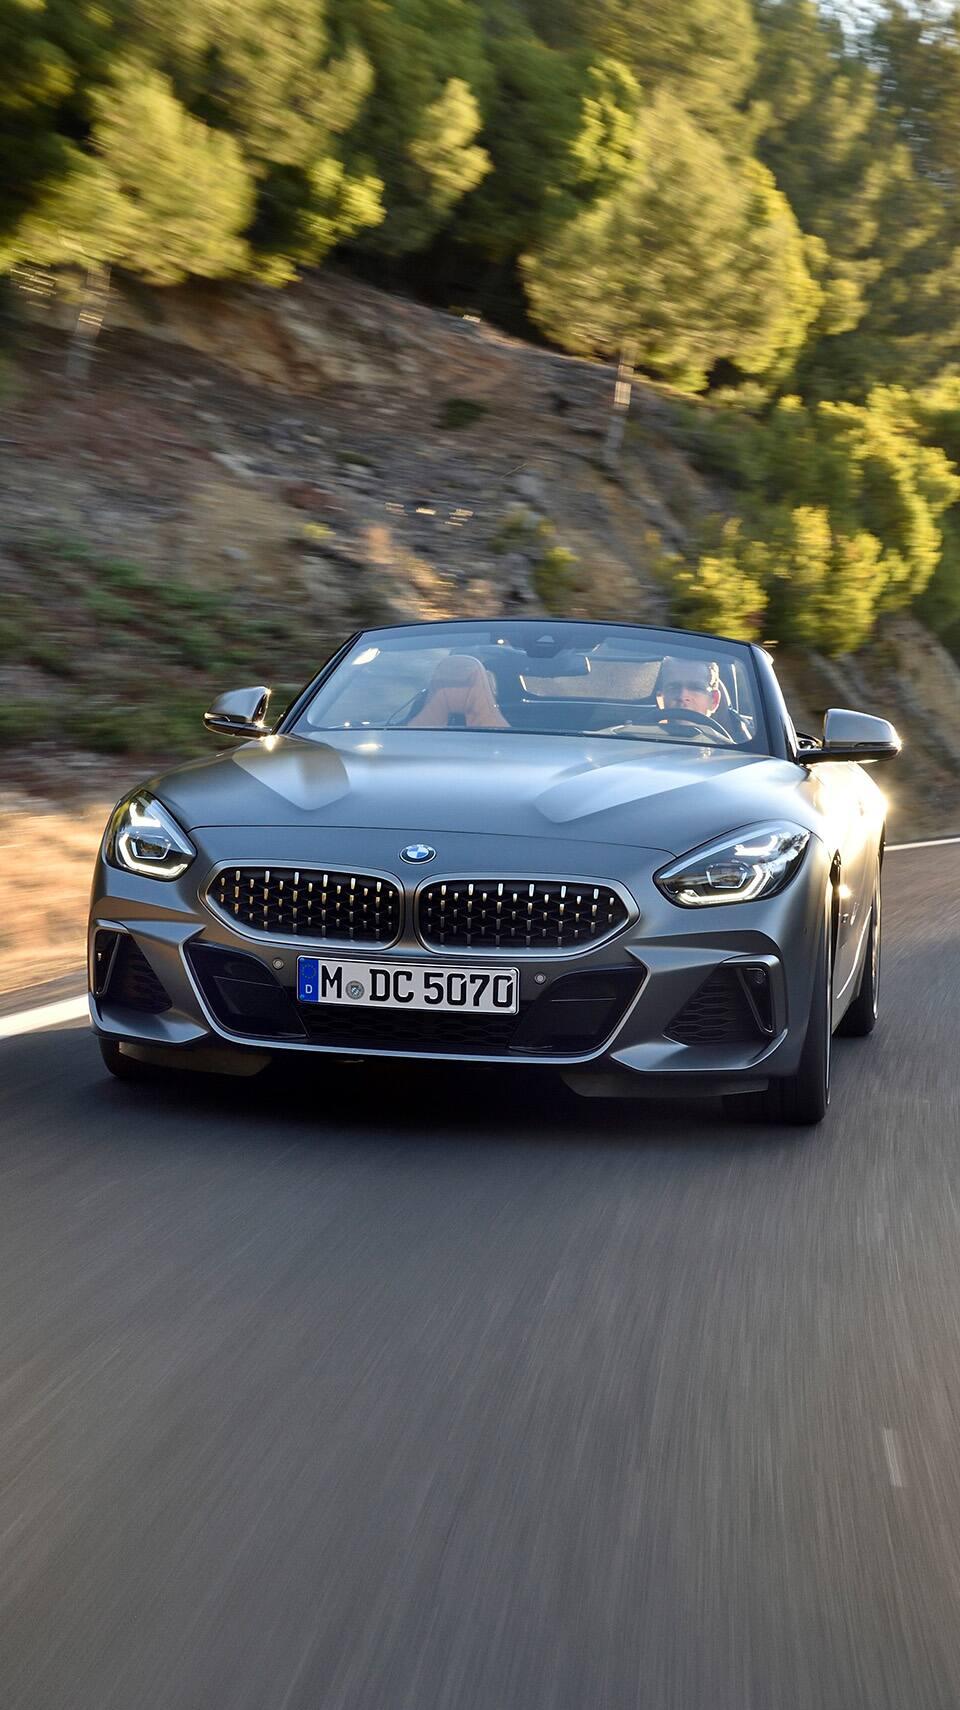 BMW com | The international BMW Website